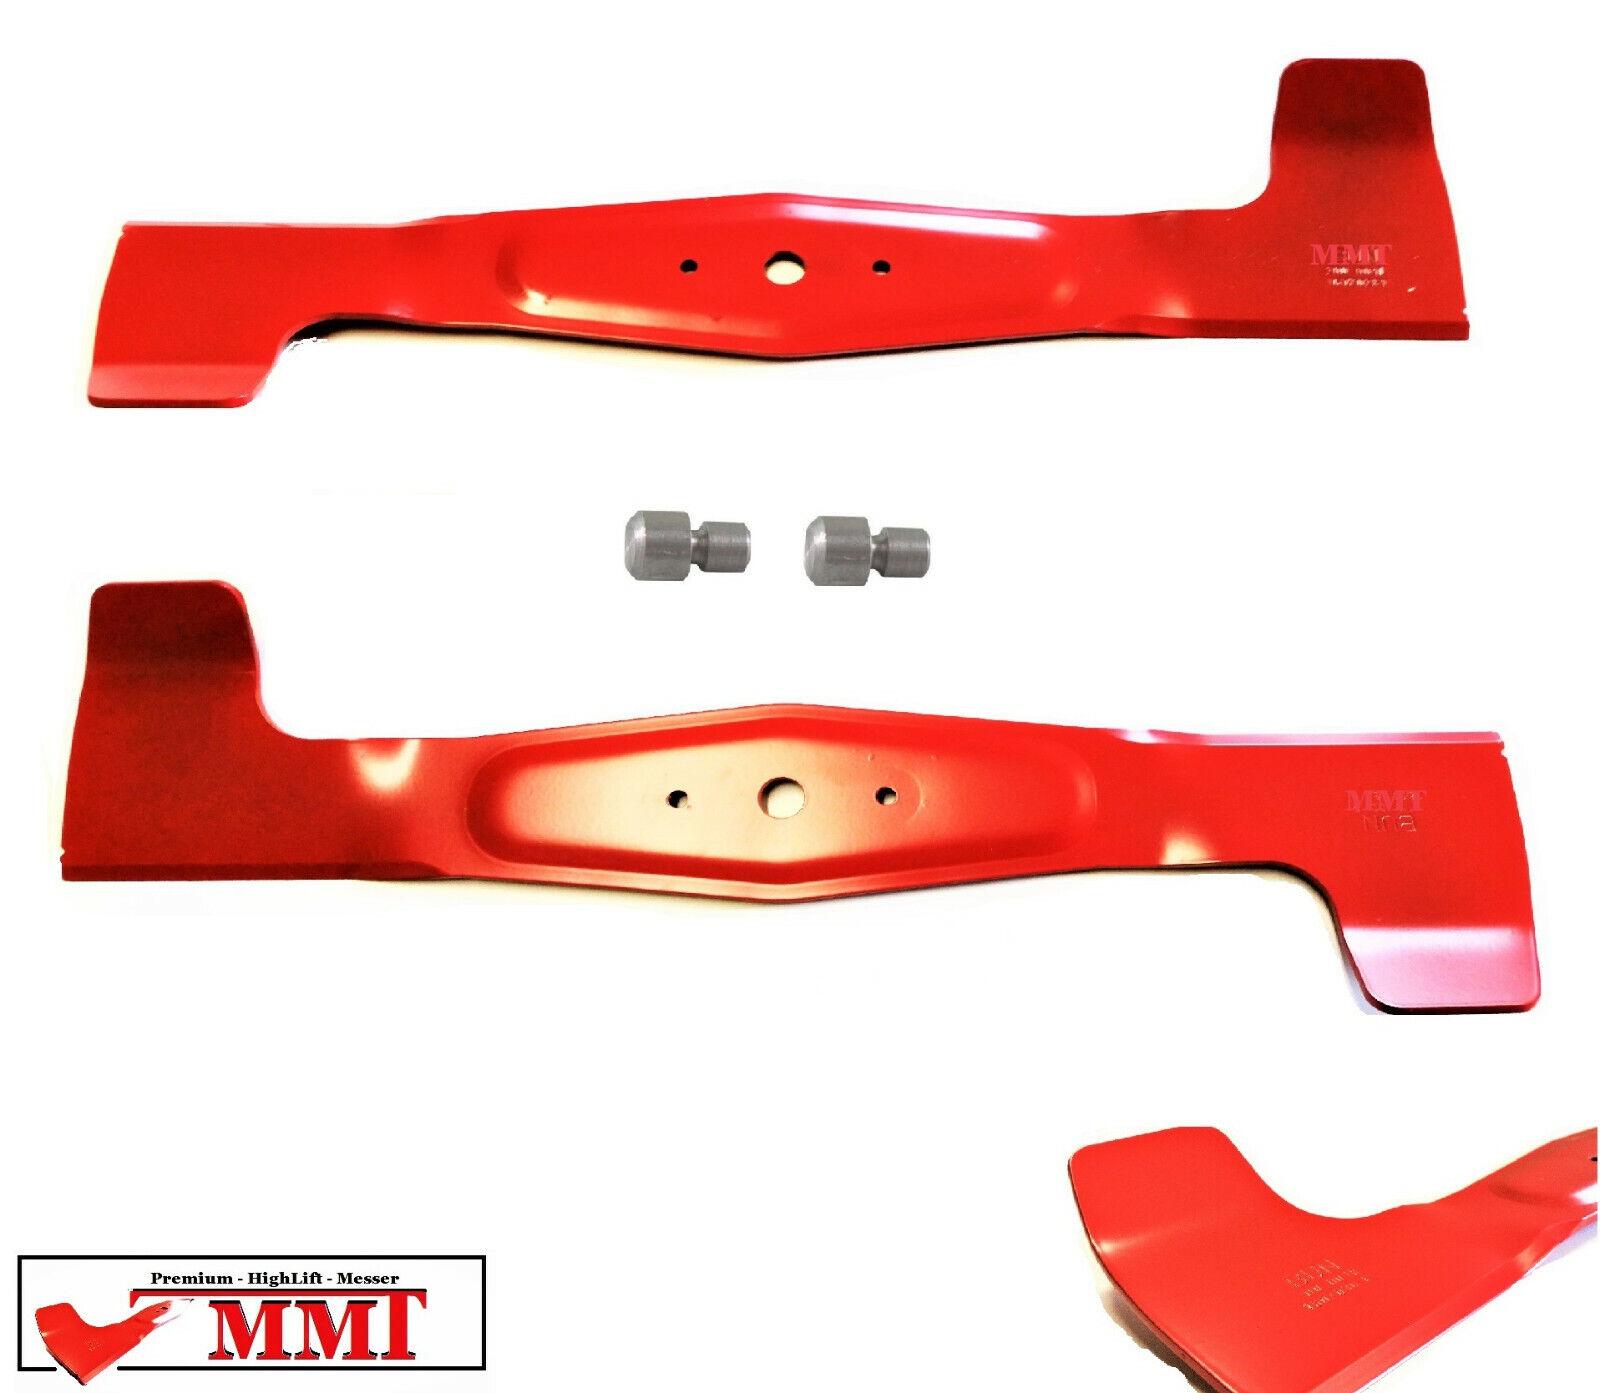 High Lift Messer Viking MT 640 MMT Zahnriemen MT 680 Modelle 102cm